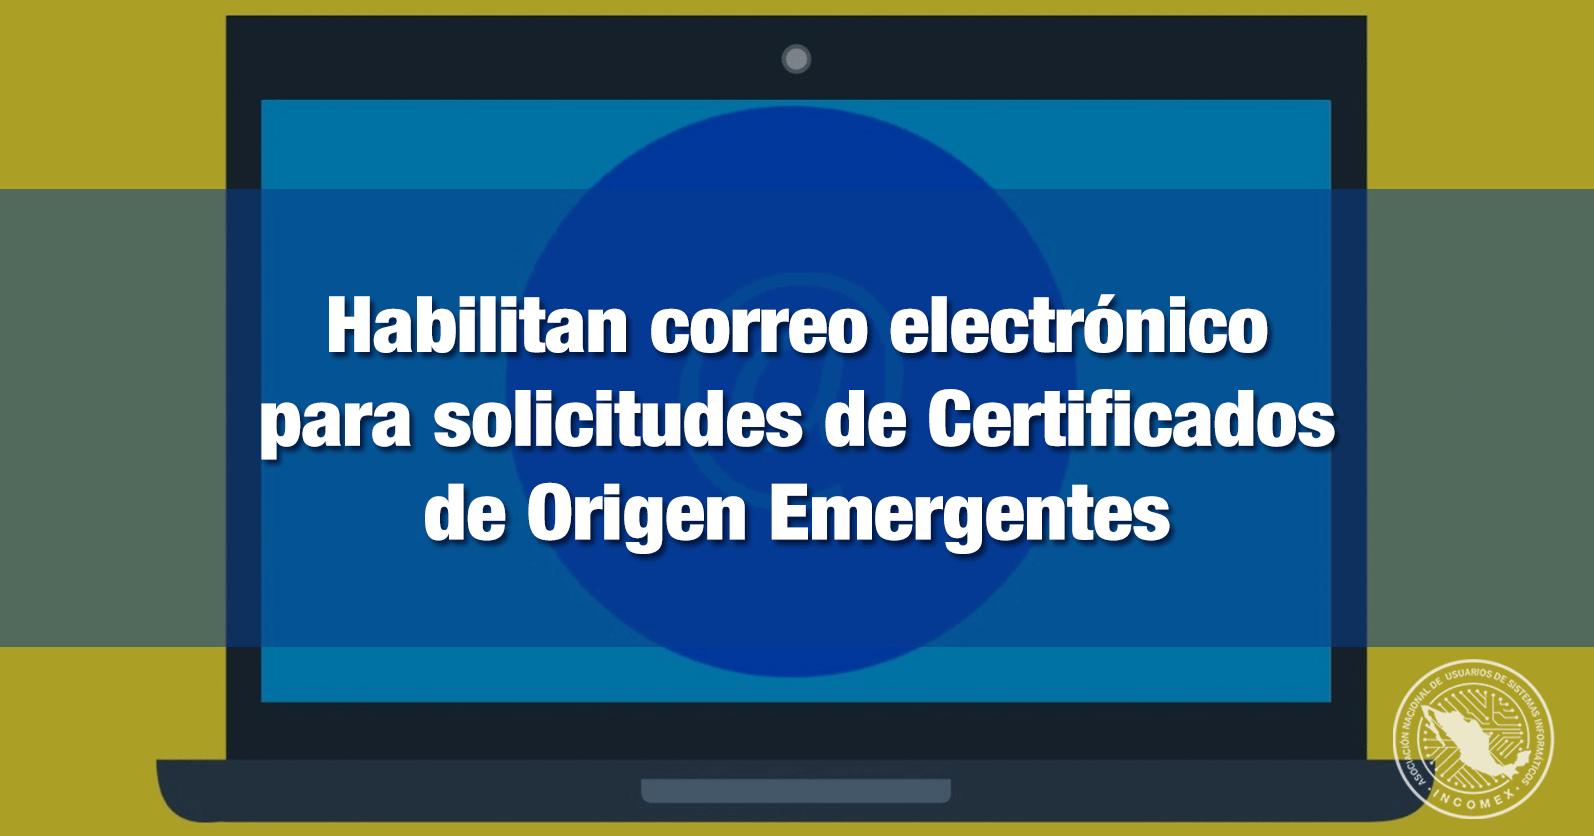 Habilitan correo electrónico para solicitudes de Certificados de Origen Emergentes